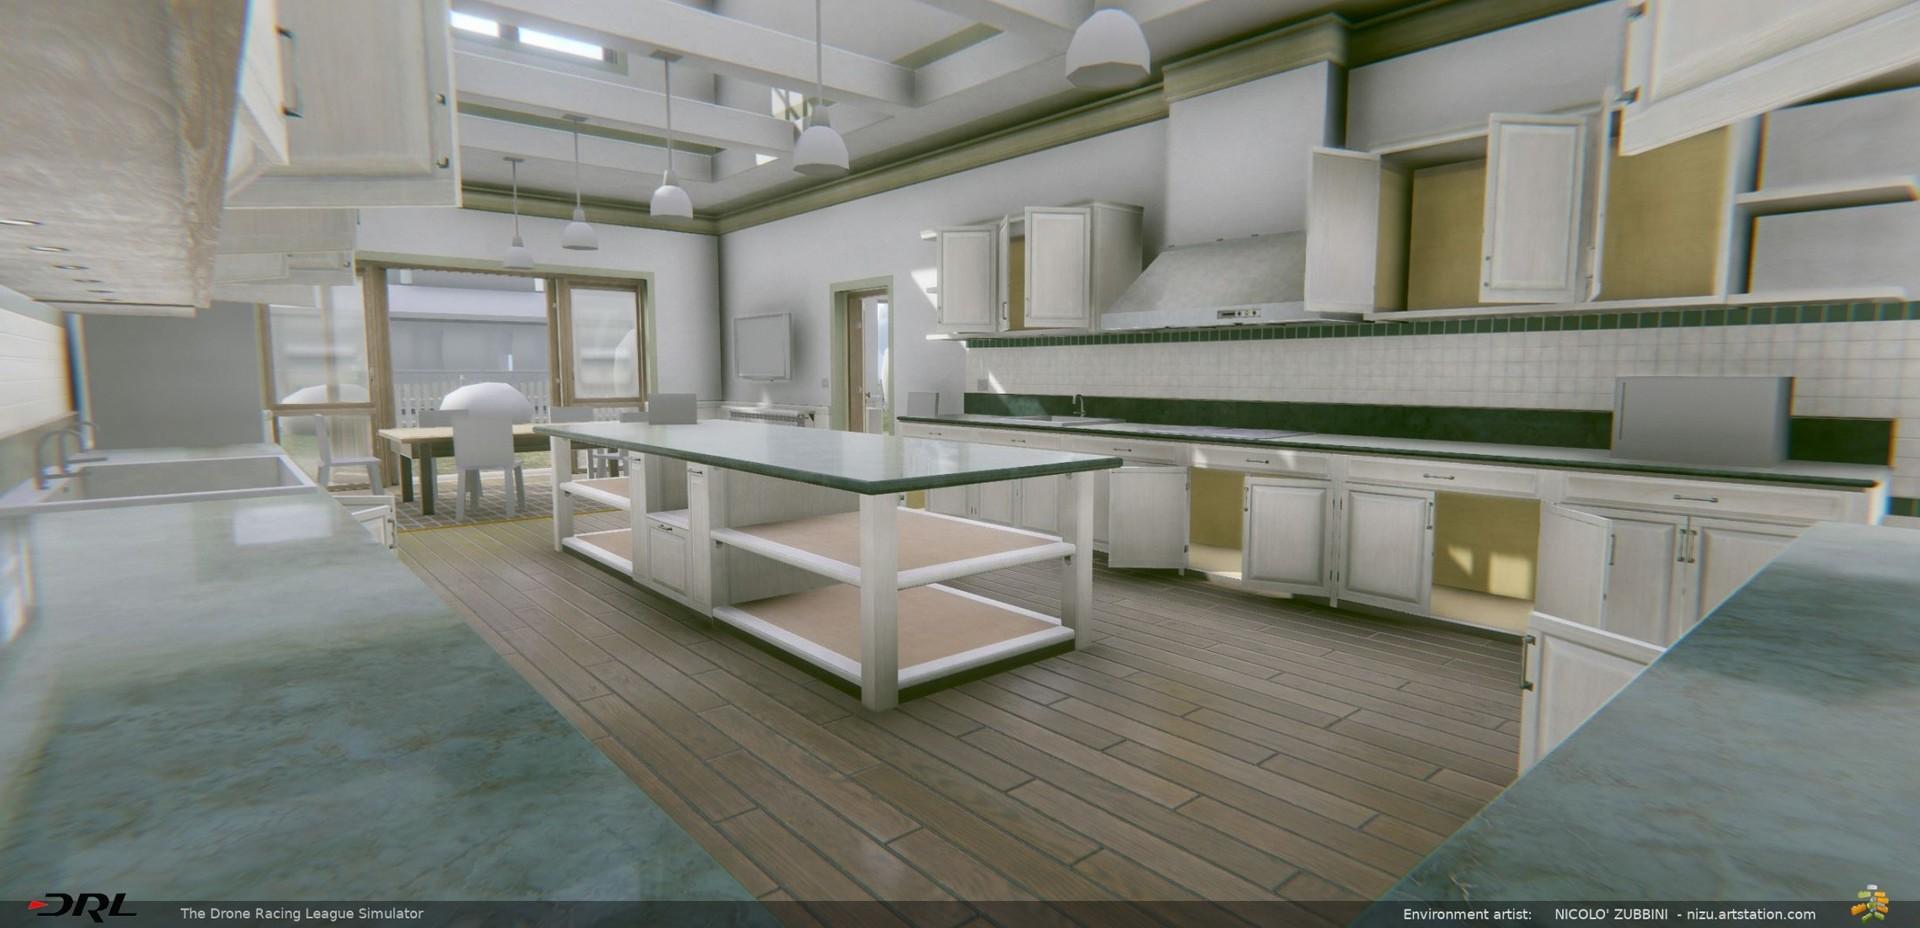 Nicolo zubbini cox house 02